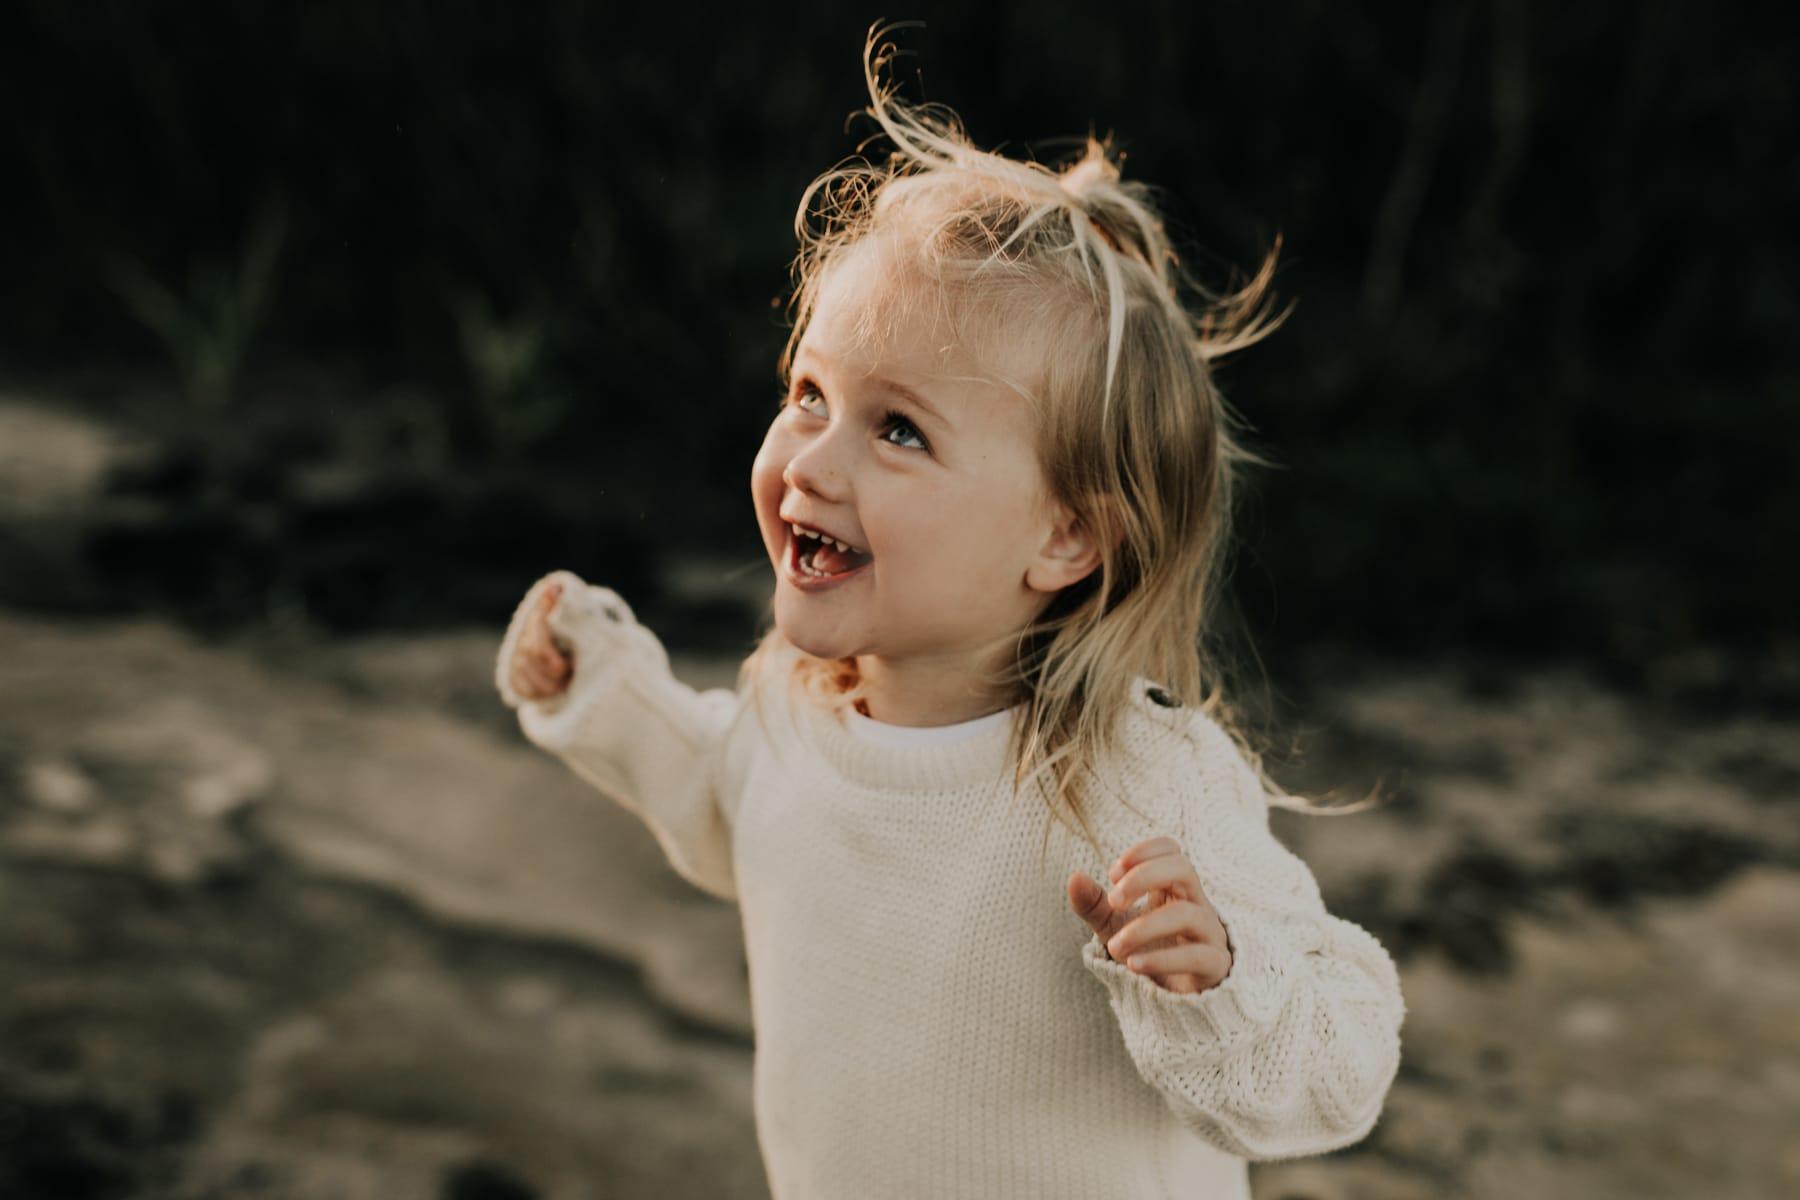 emmawandphotography-cronullaphotographer-sutherlandshirephotographer-family-kids-familyadventure-sydneydocumentaryphotographer-sydneylifestylephotographer0045